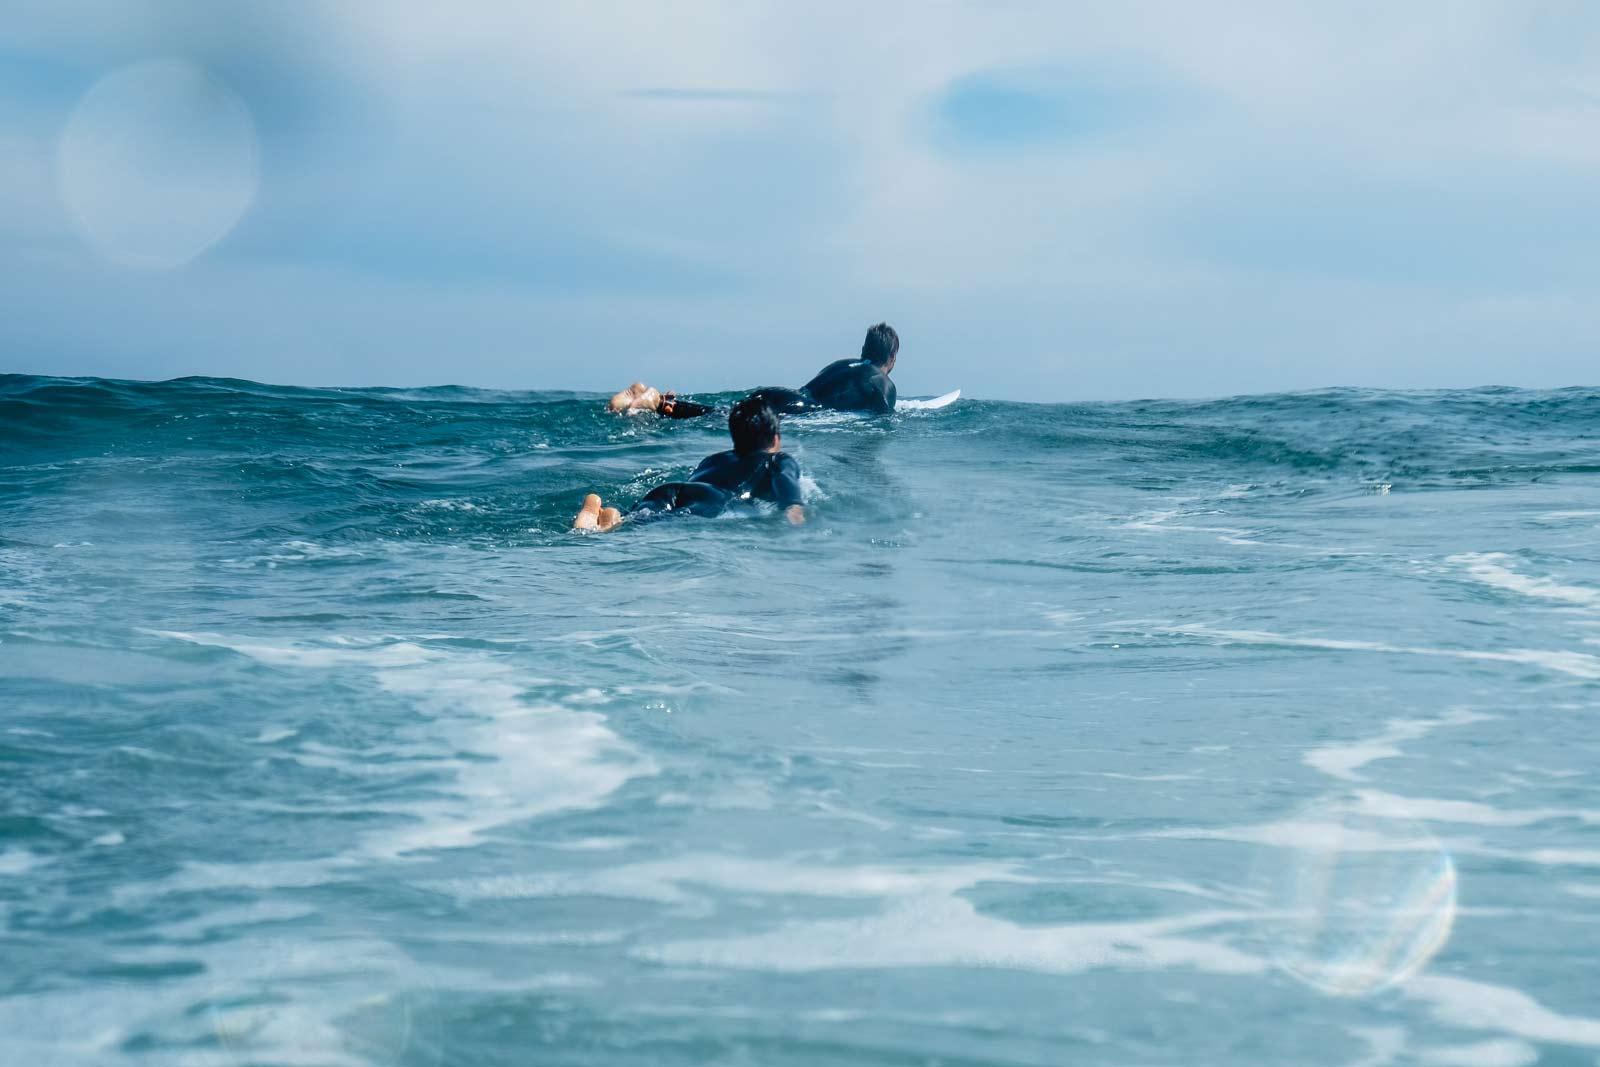 Illes Medes surfing